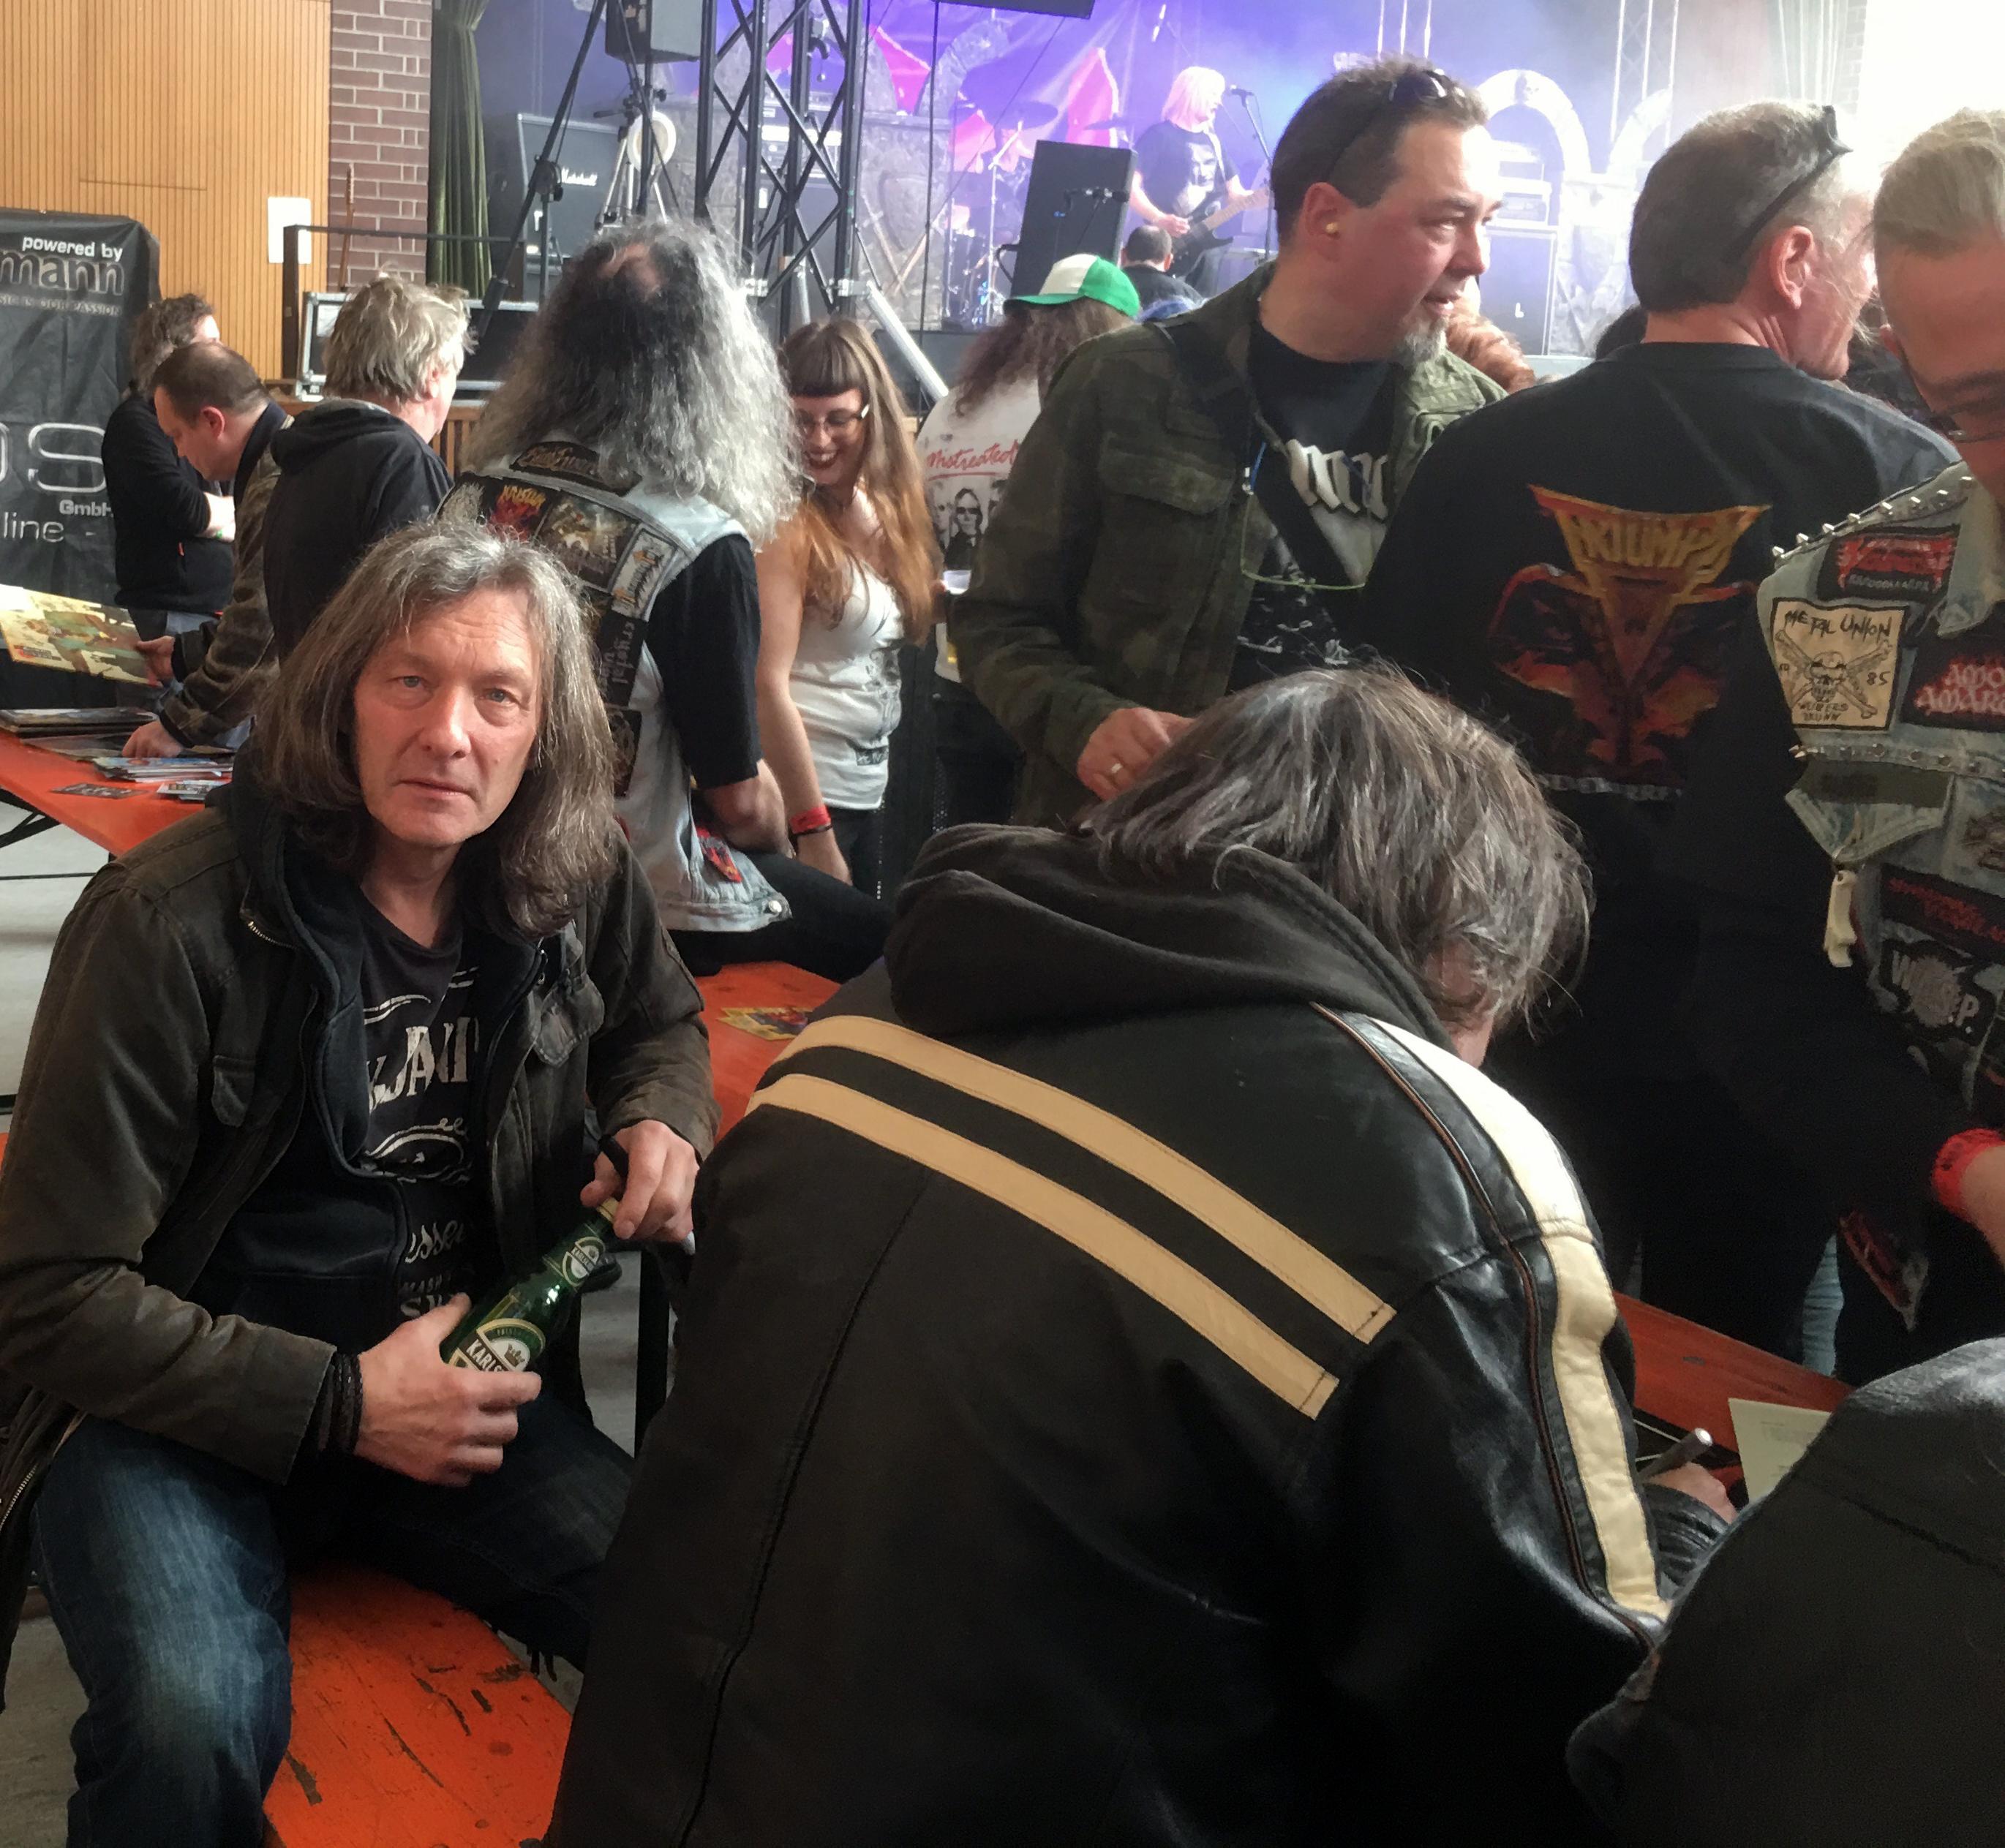 Al and Steve KIT fest